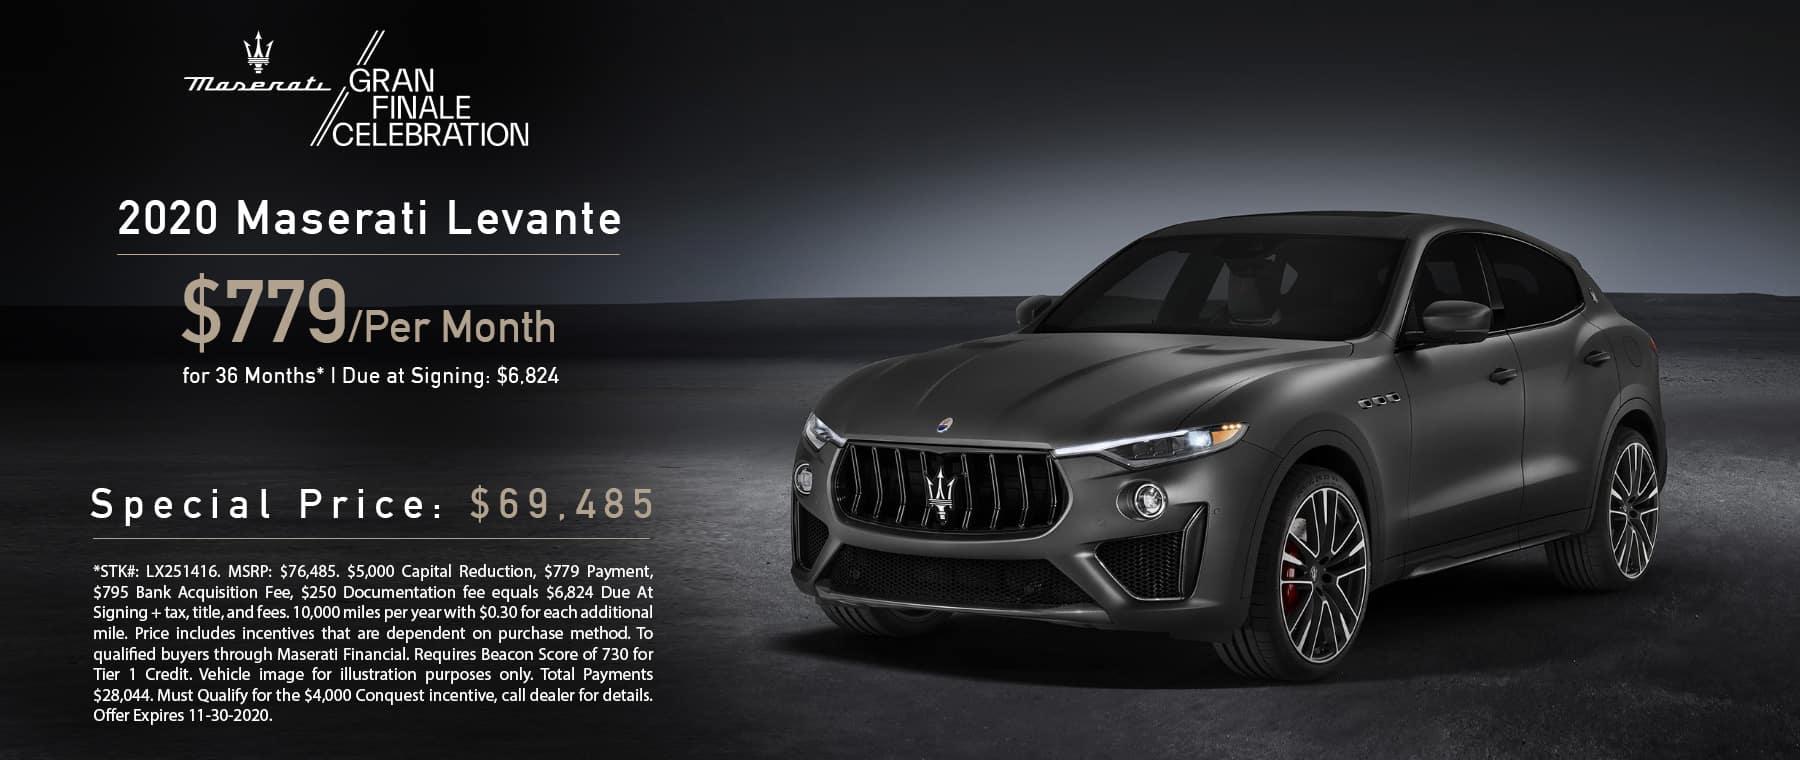 Maserati_2020_Levante_Slide_Nov2020_1